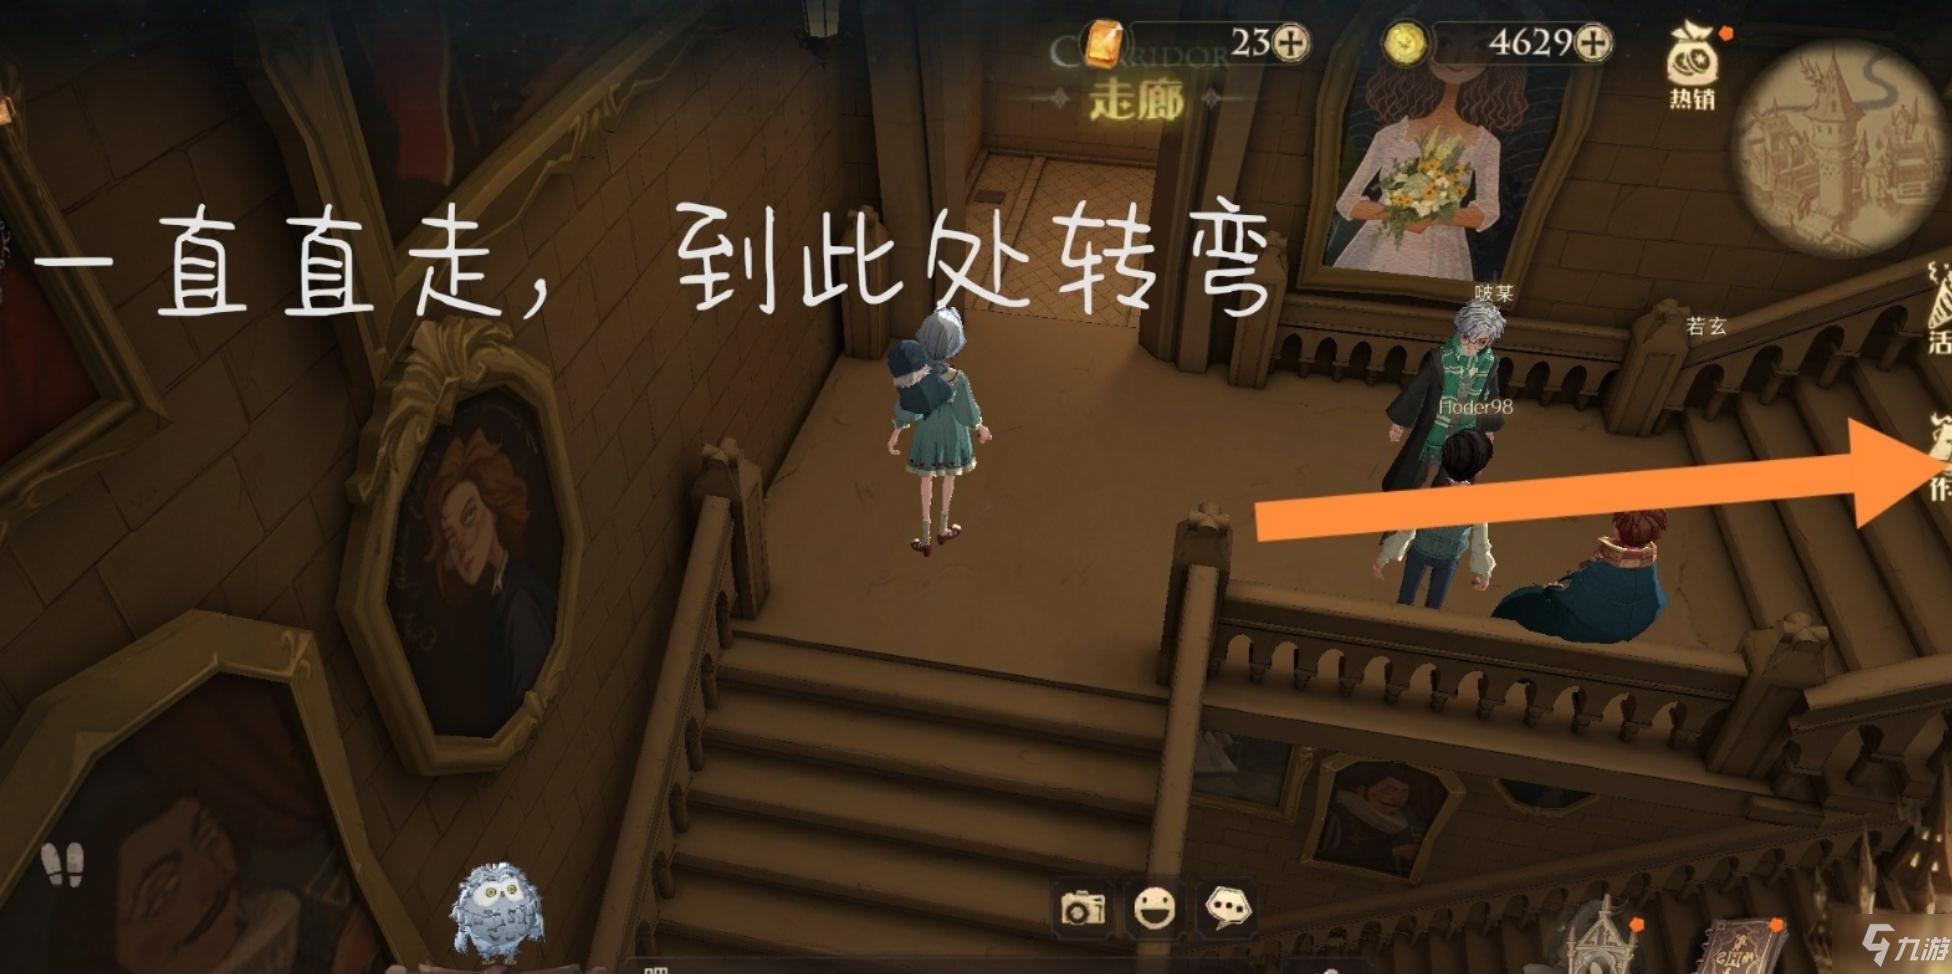 哈利波特魔法觉醒会移动的楼梯在哪